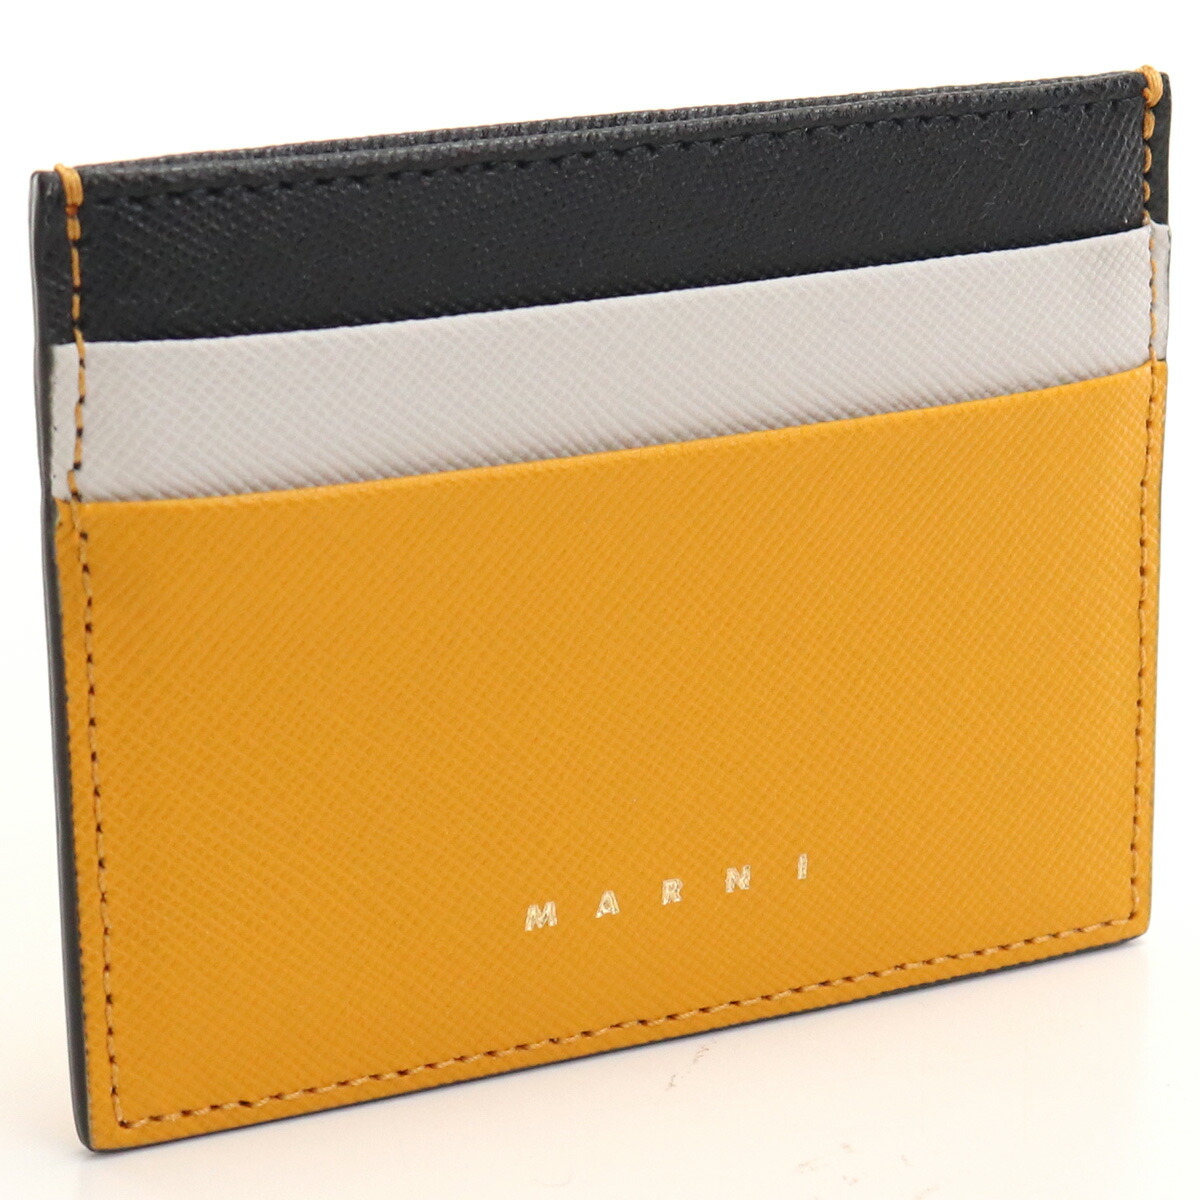 マルニ MARNI  カードケース PFMOQ04U12 LV520 Z414N マルチカラー bos-22 gsw-3